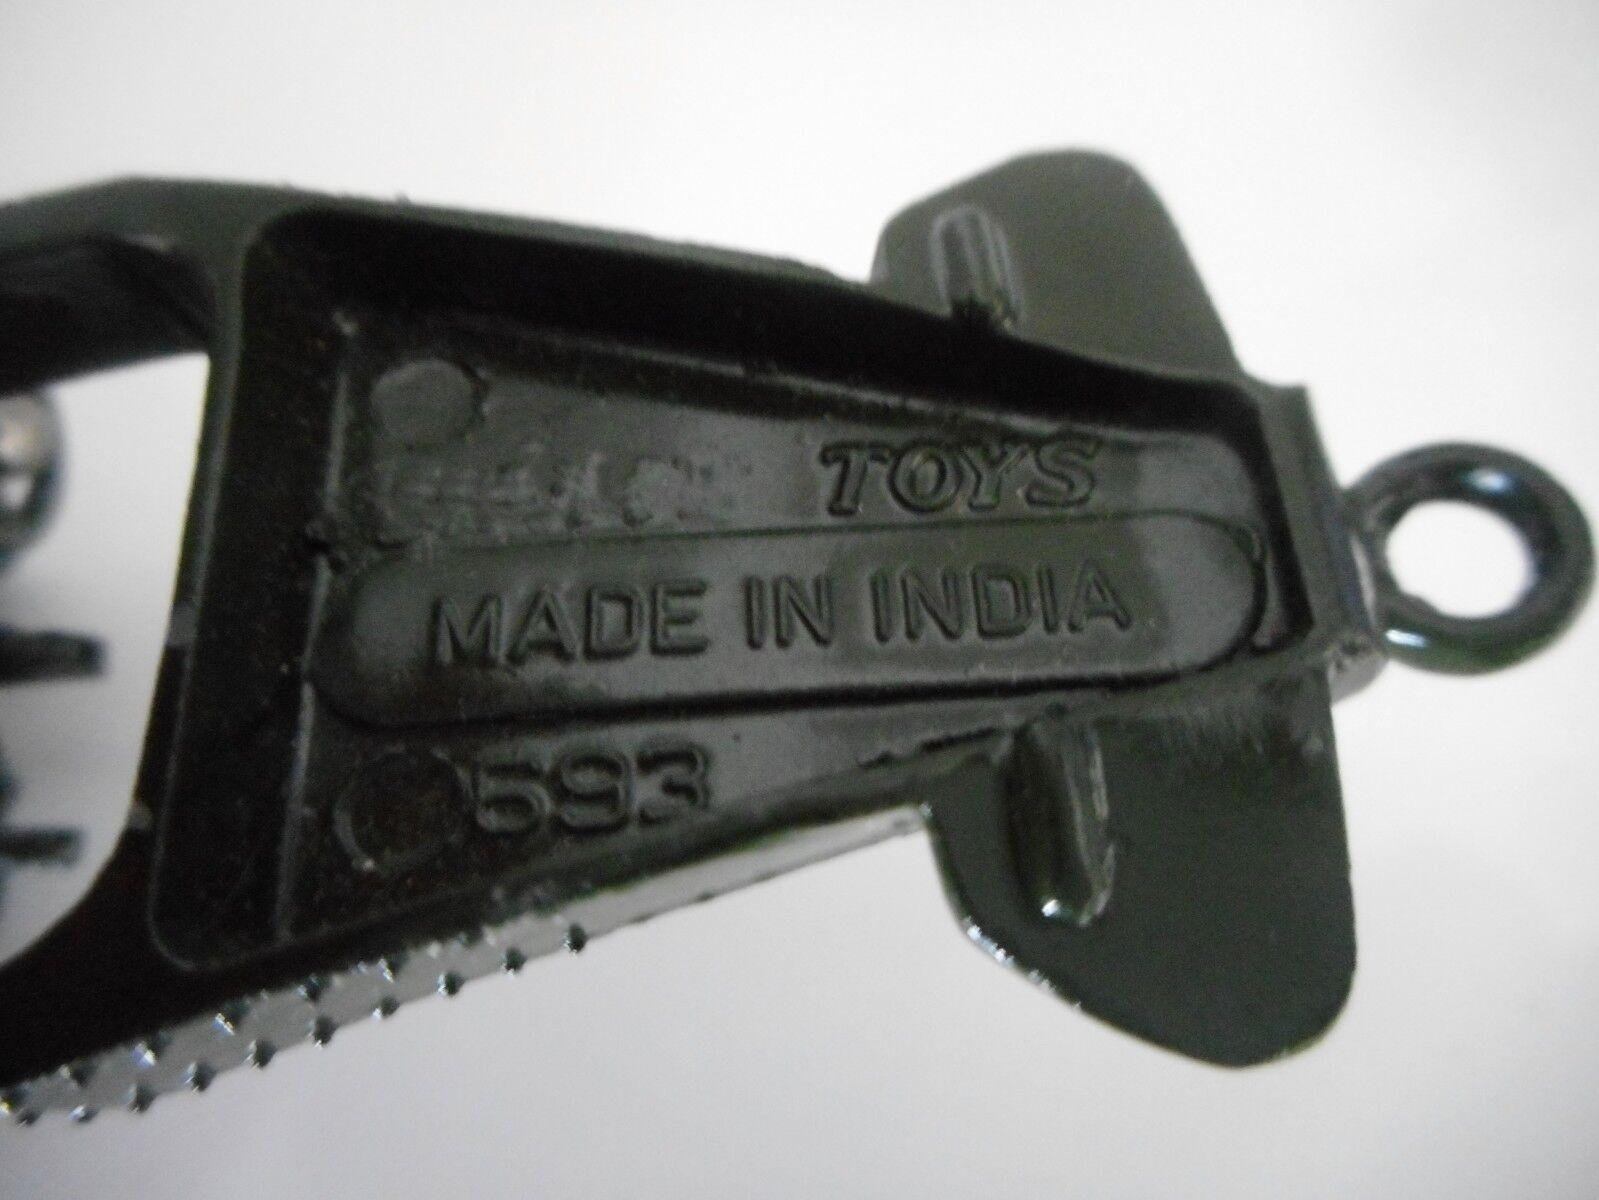 Des affiches pour des cadeaux, des coins coupés à à à envoyer! Joyeux Noël! NICKY Toys INDE INDIA 693 Canon 7.2 Howitzer  dinky   Pas Cher  d4a460